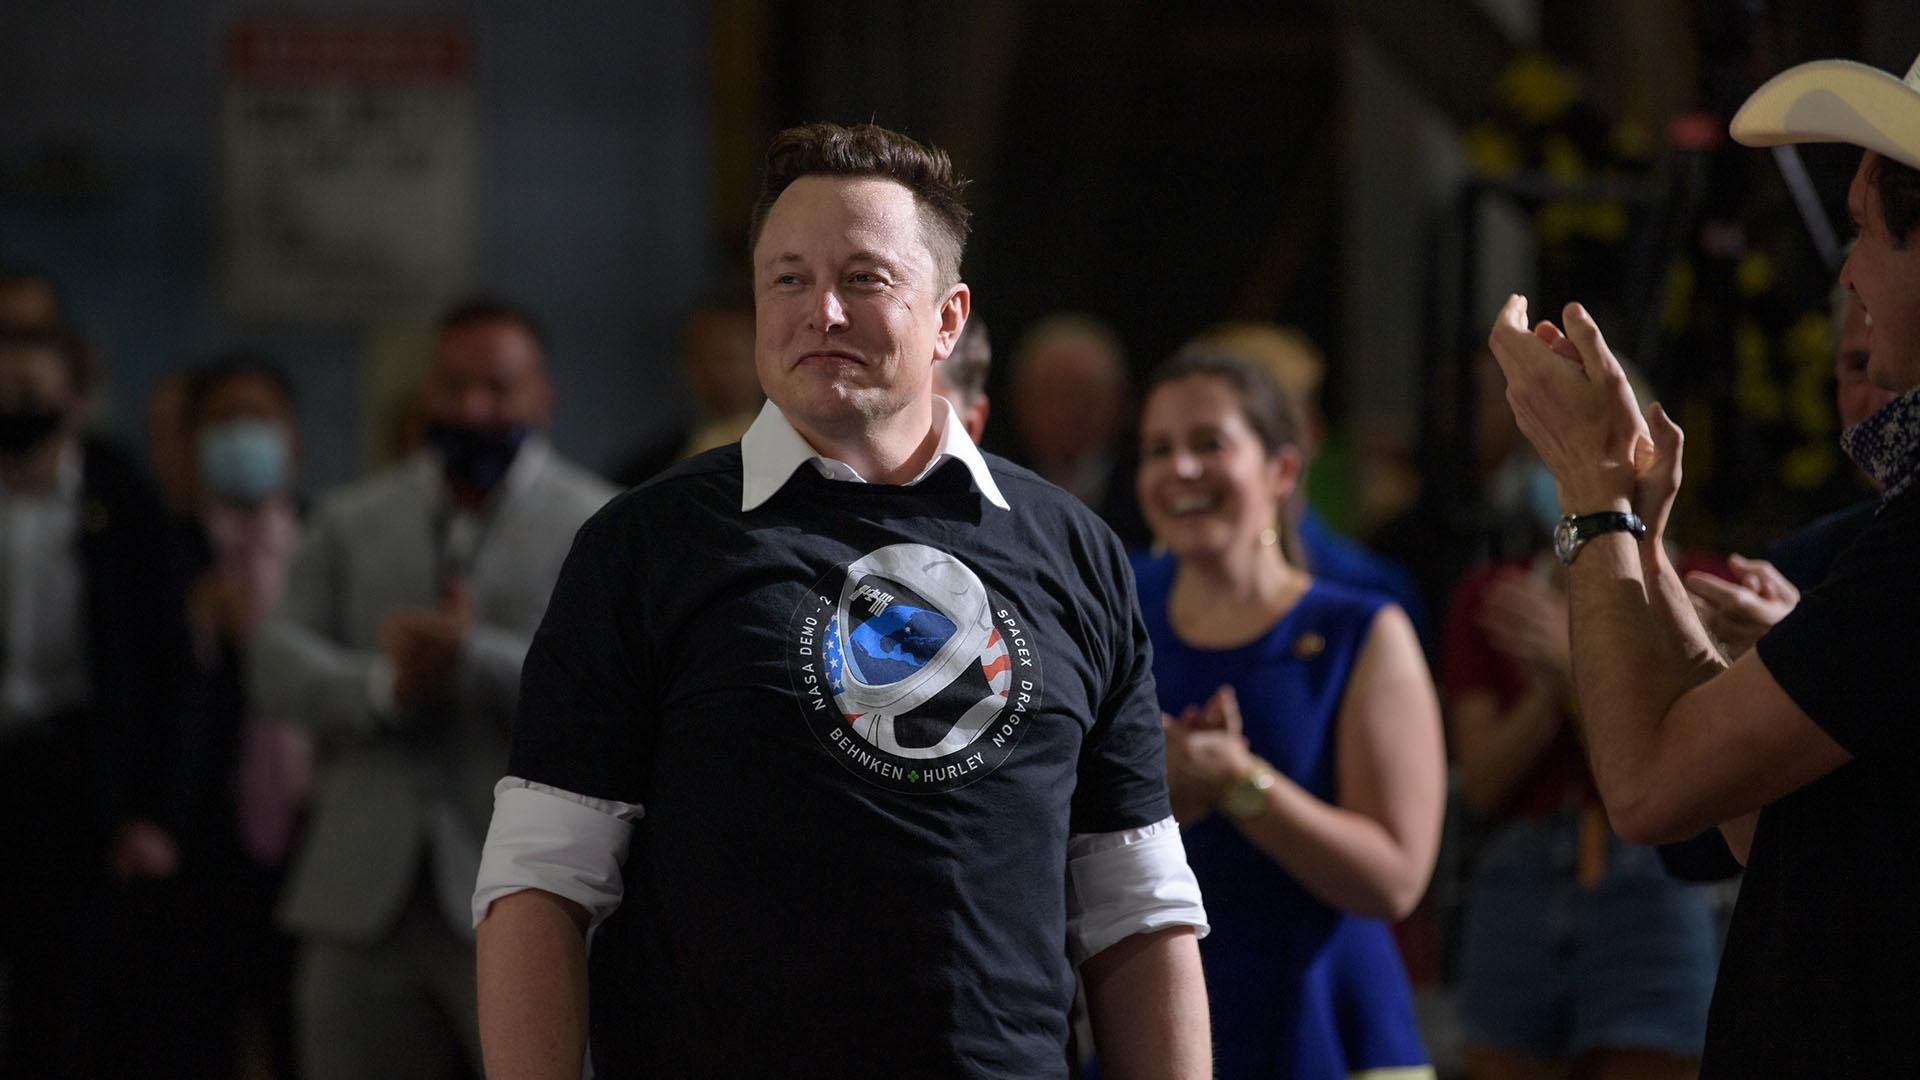 Pourquoi Elon Musk râle contre OpenAI alors qu'il en est le fondateur ?